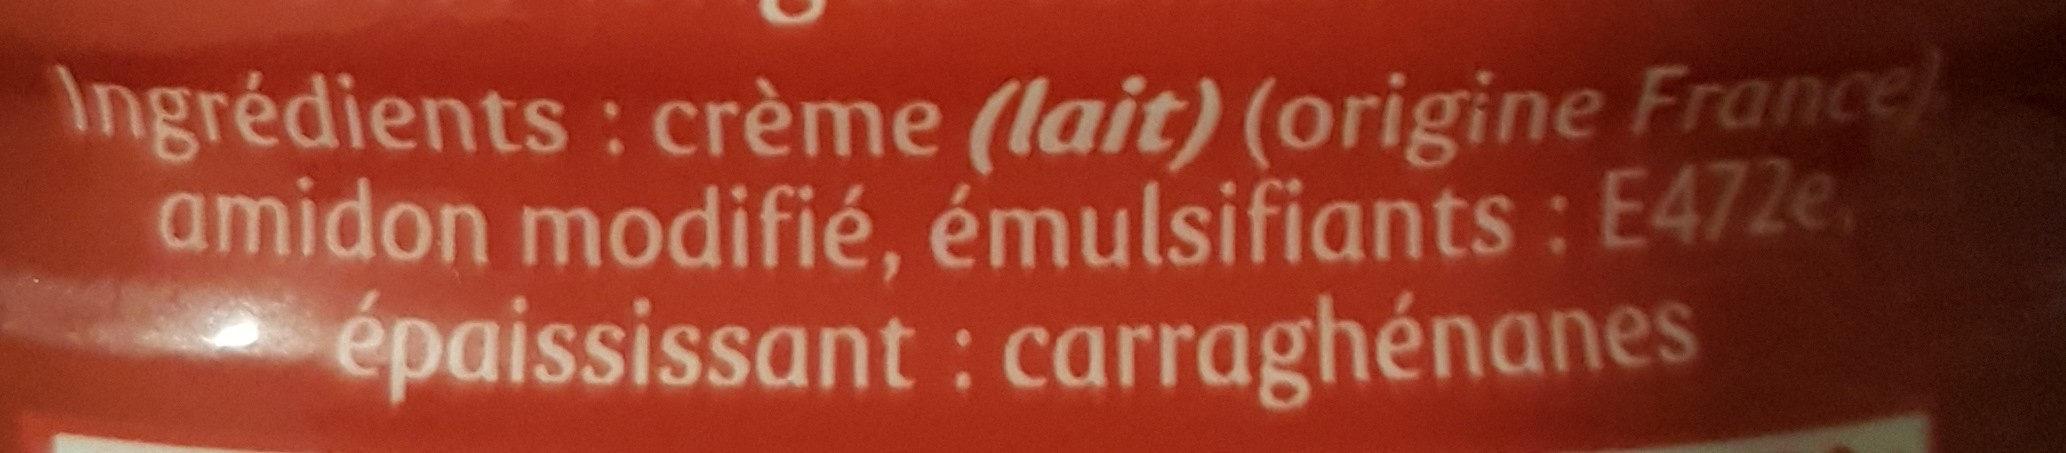 Crème entière semi-épaisse - Ingrediënten - fr